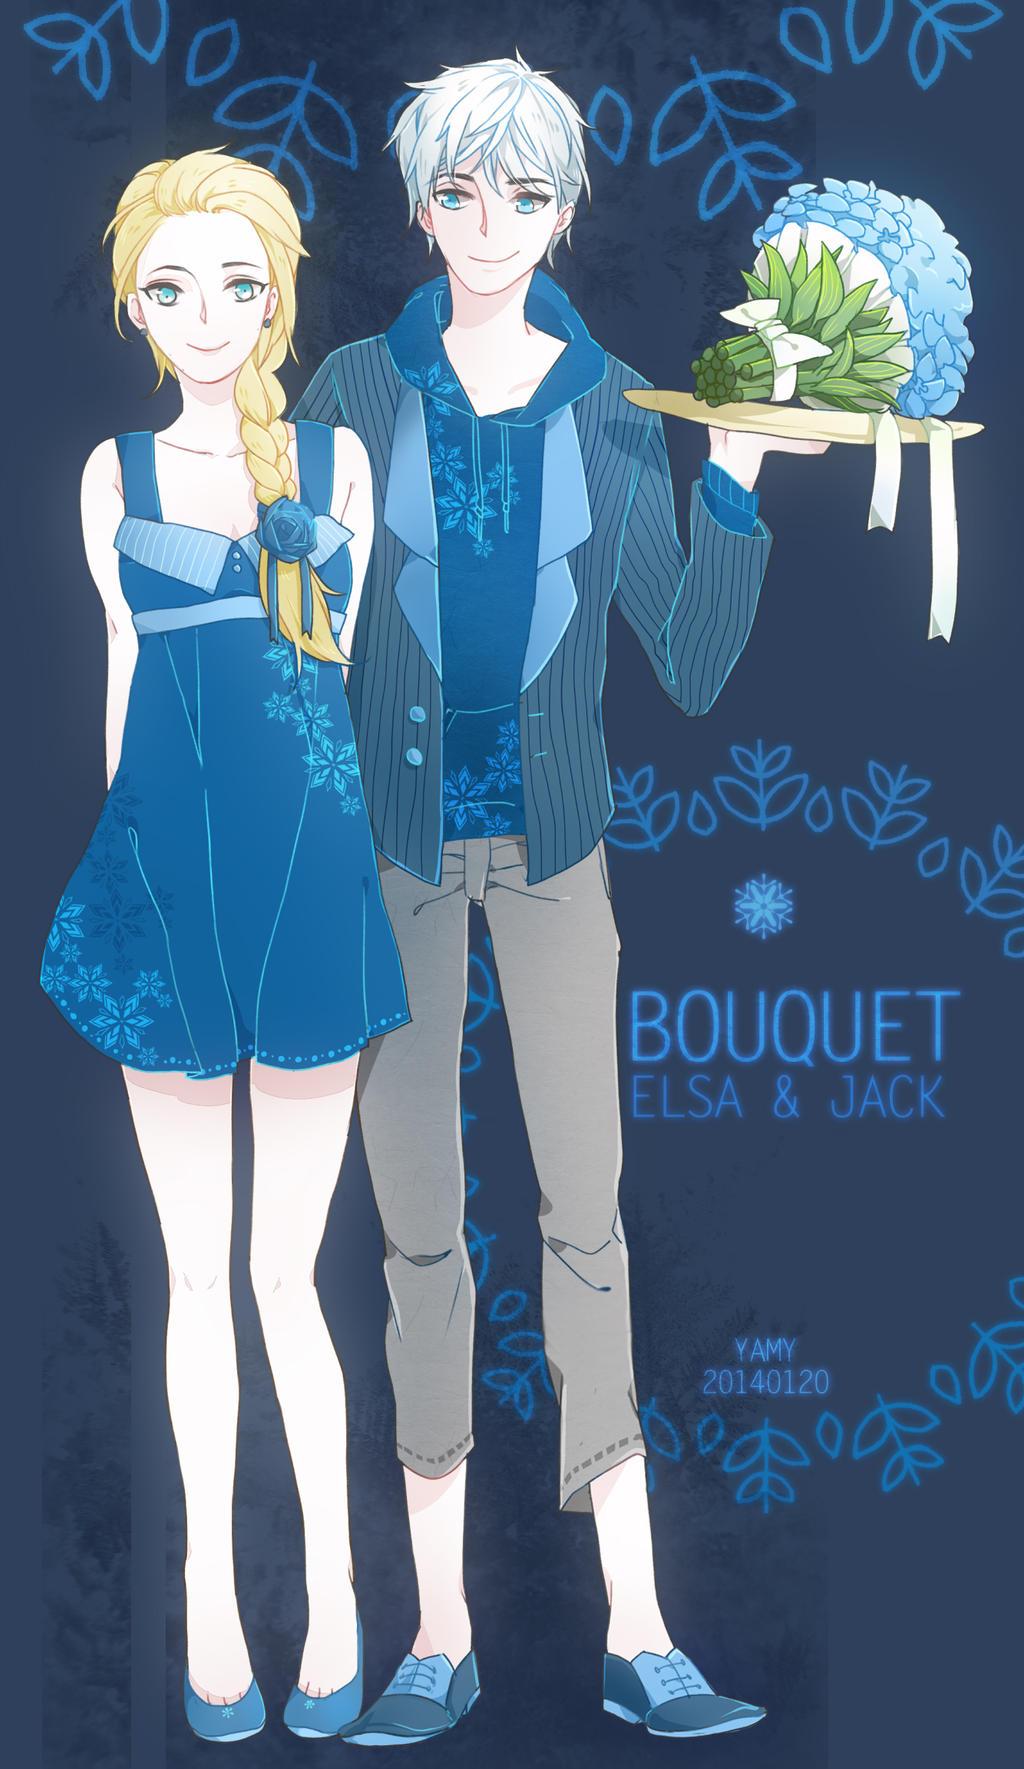 bouquet_by_yamygugu-d72z2x1.jpg